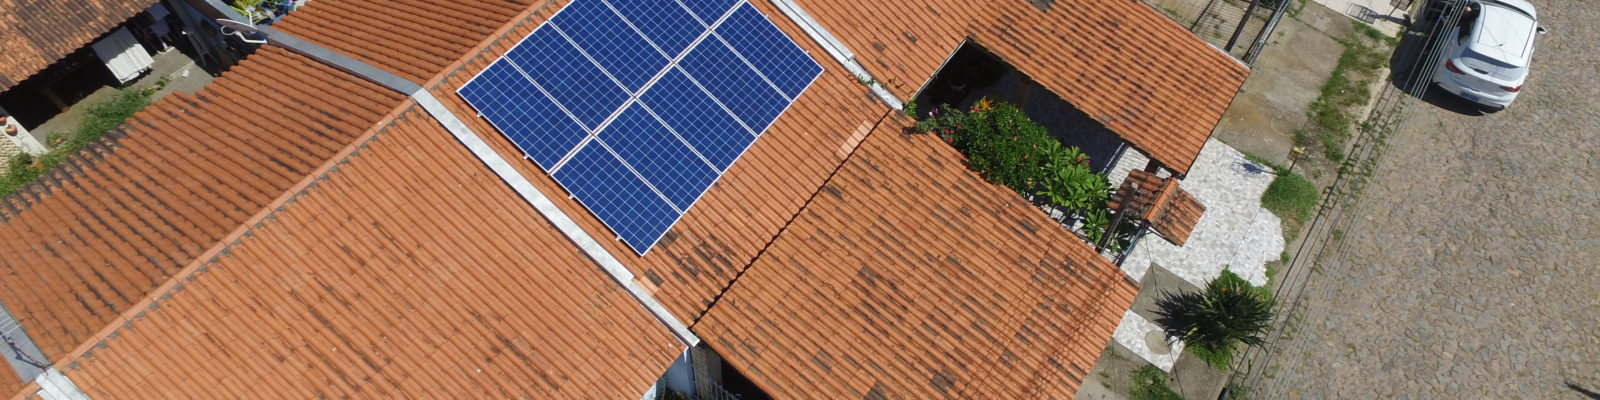 Instalação de energia limpa e renovável na zona sul de Porto Alegre